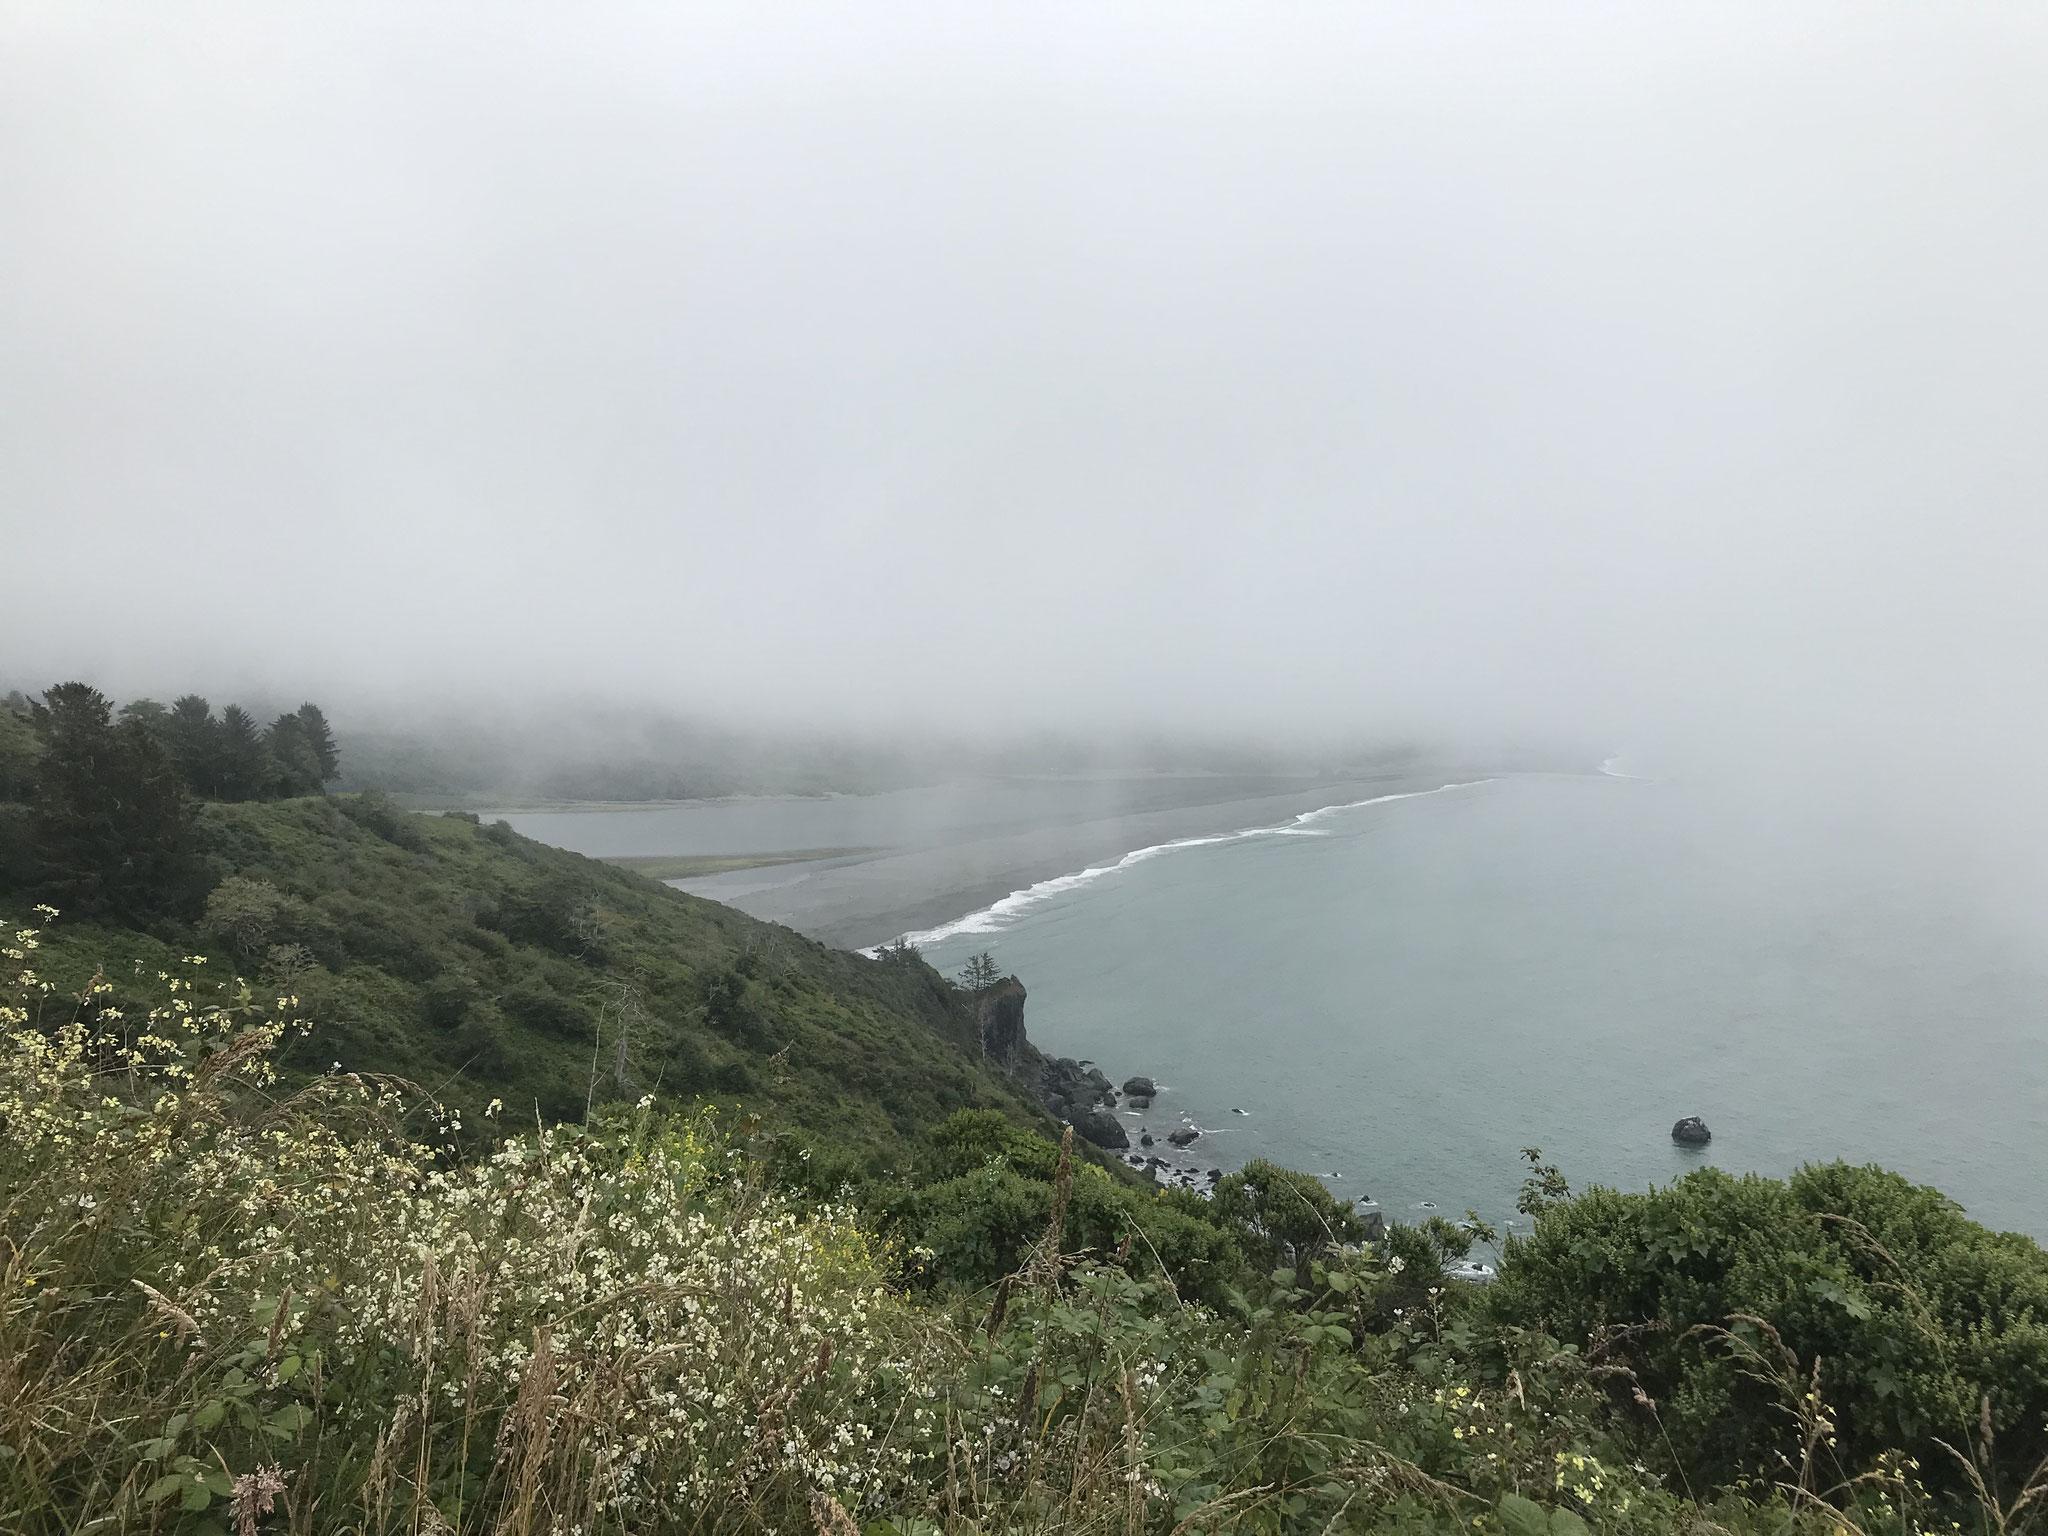 Am Morgen fuhren wir stets durch den Nebel und ...